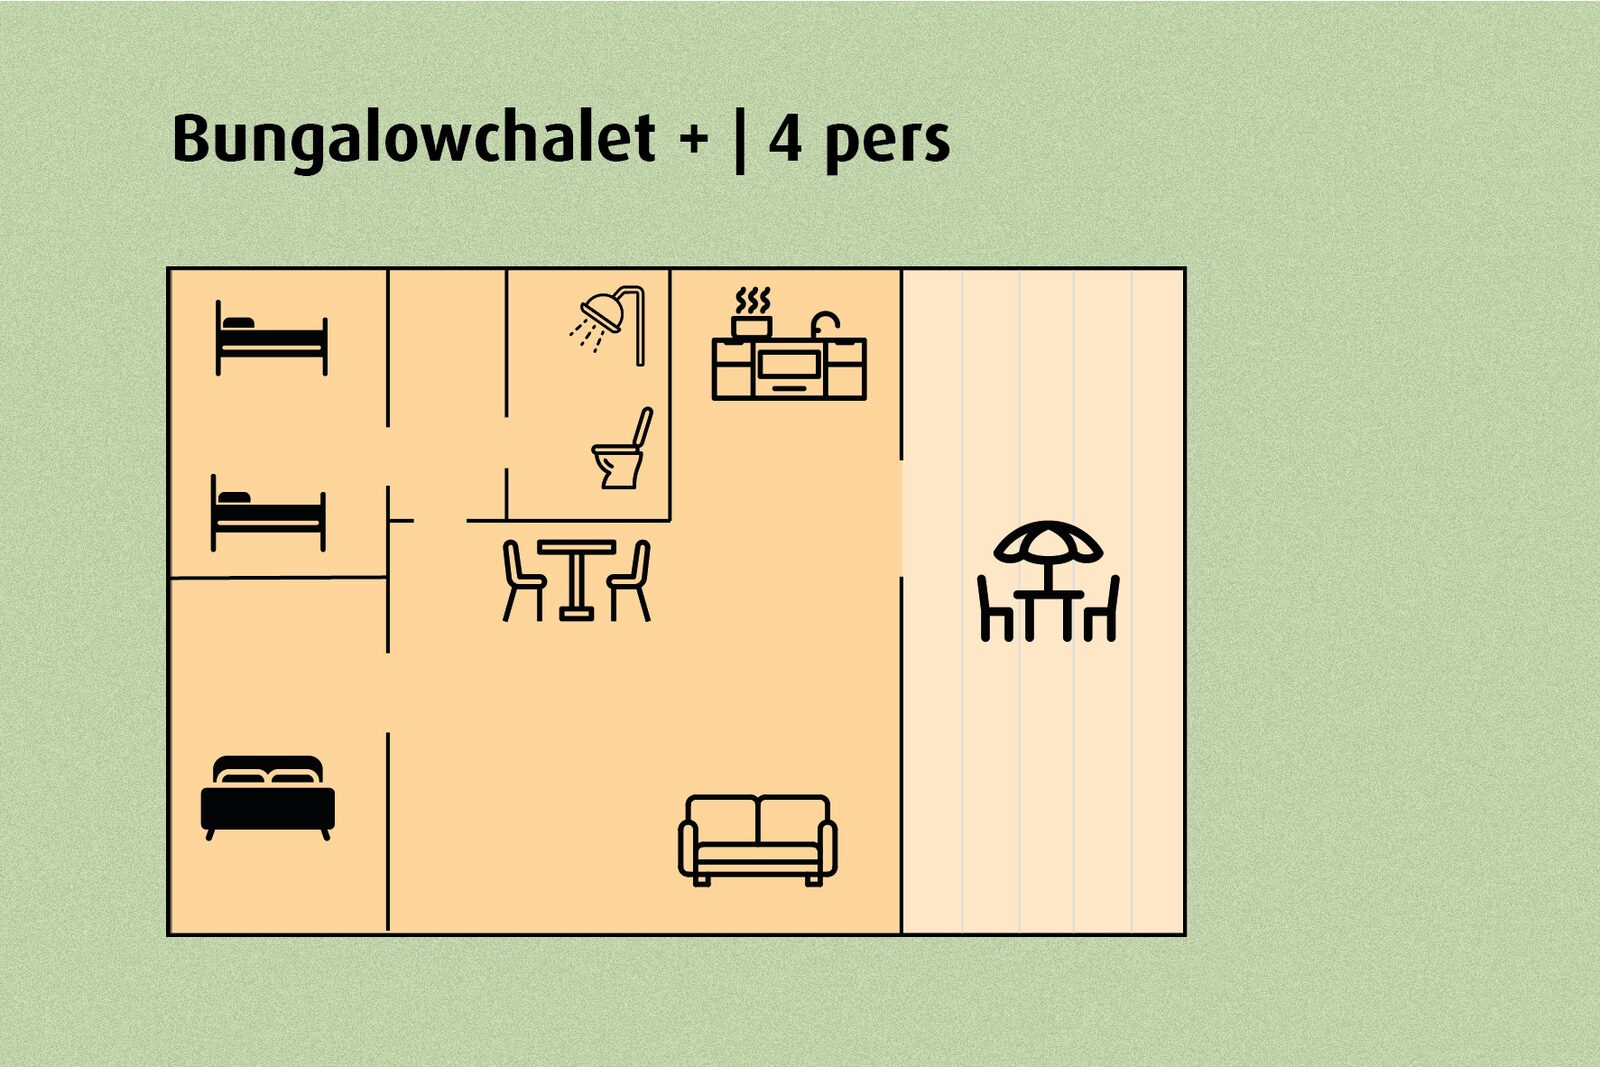 Bungalowchalet+ | 4 pers.